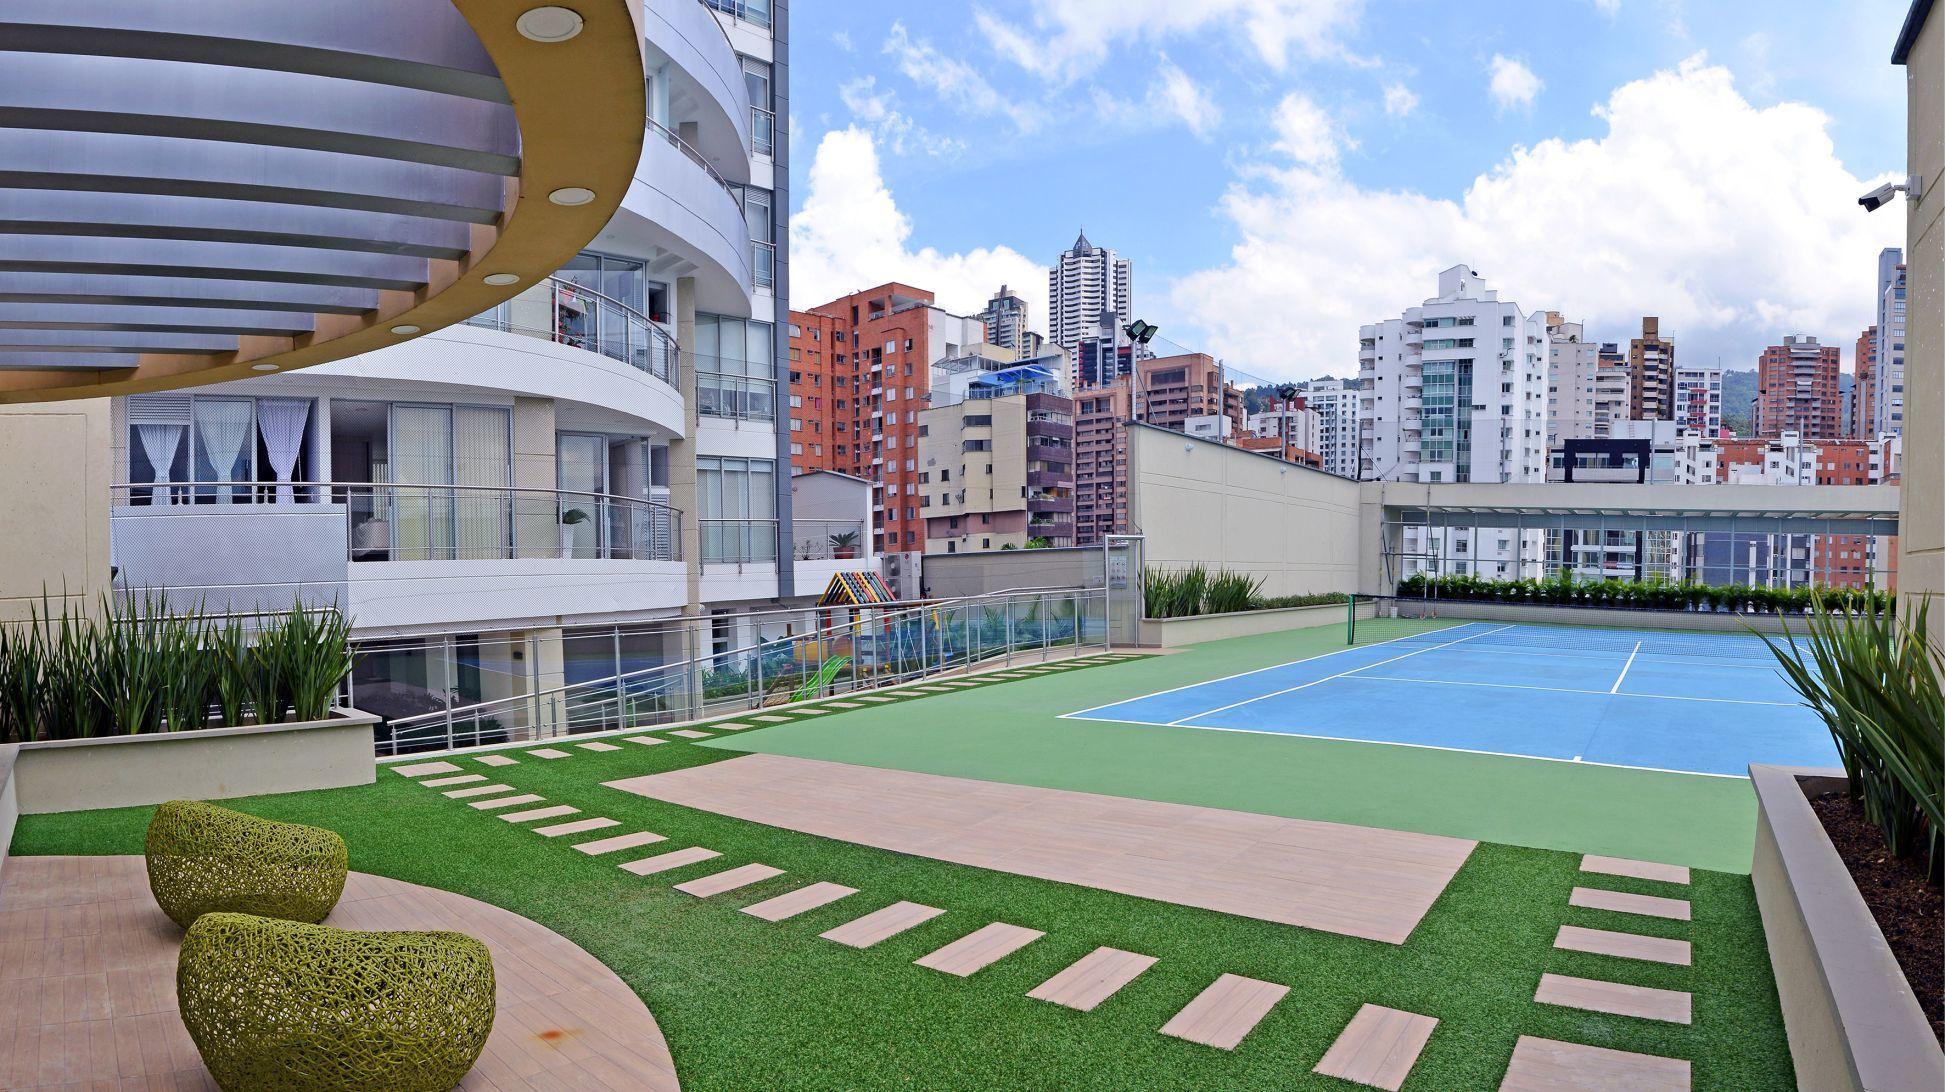 constructora mardel bucaramanga, proyectos apartamentos en venta, bonum de mardel